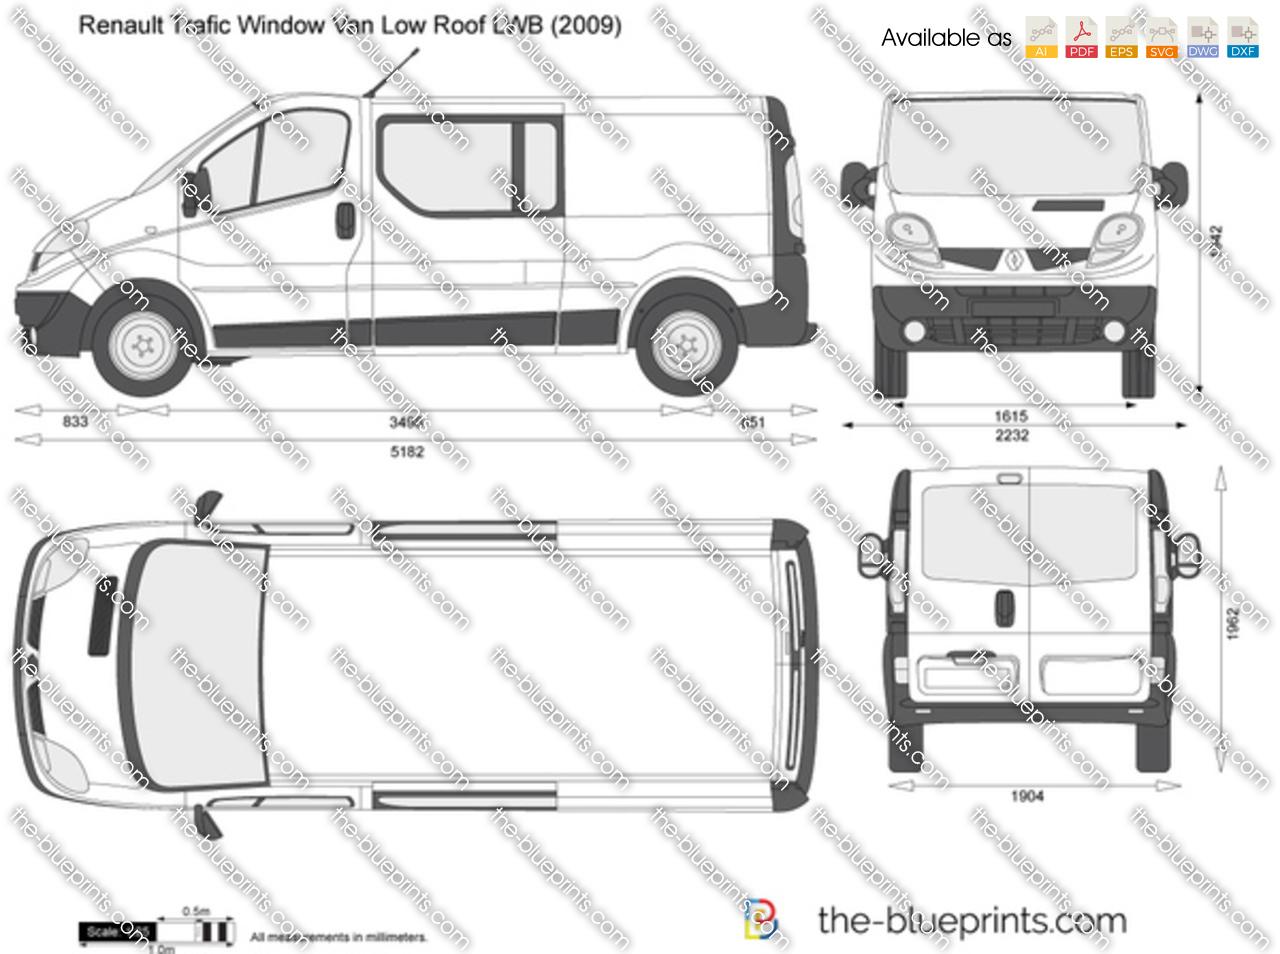 Renault Trafic Window Van Low Roof LWB 2010